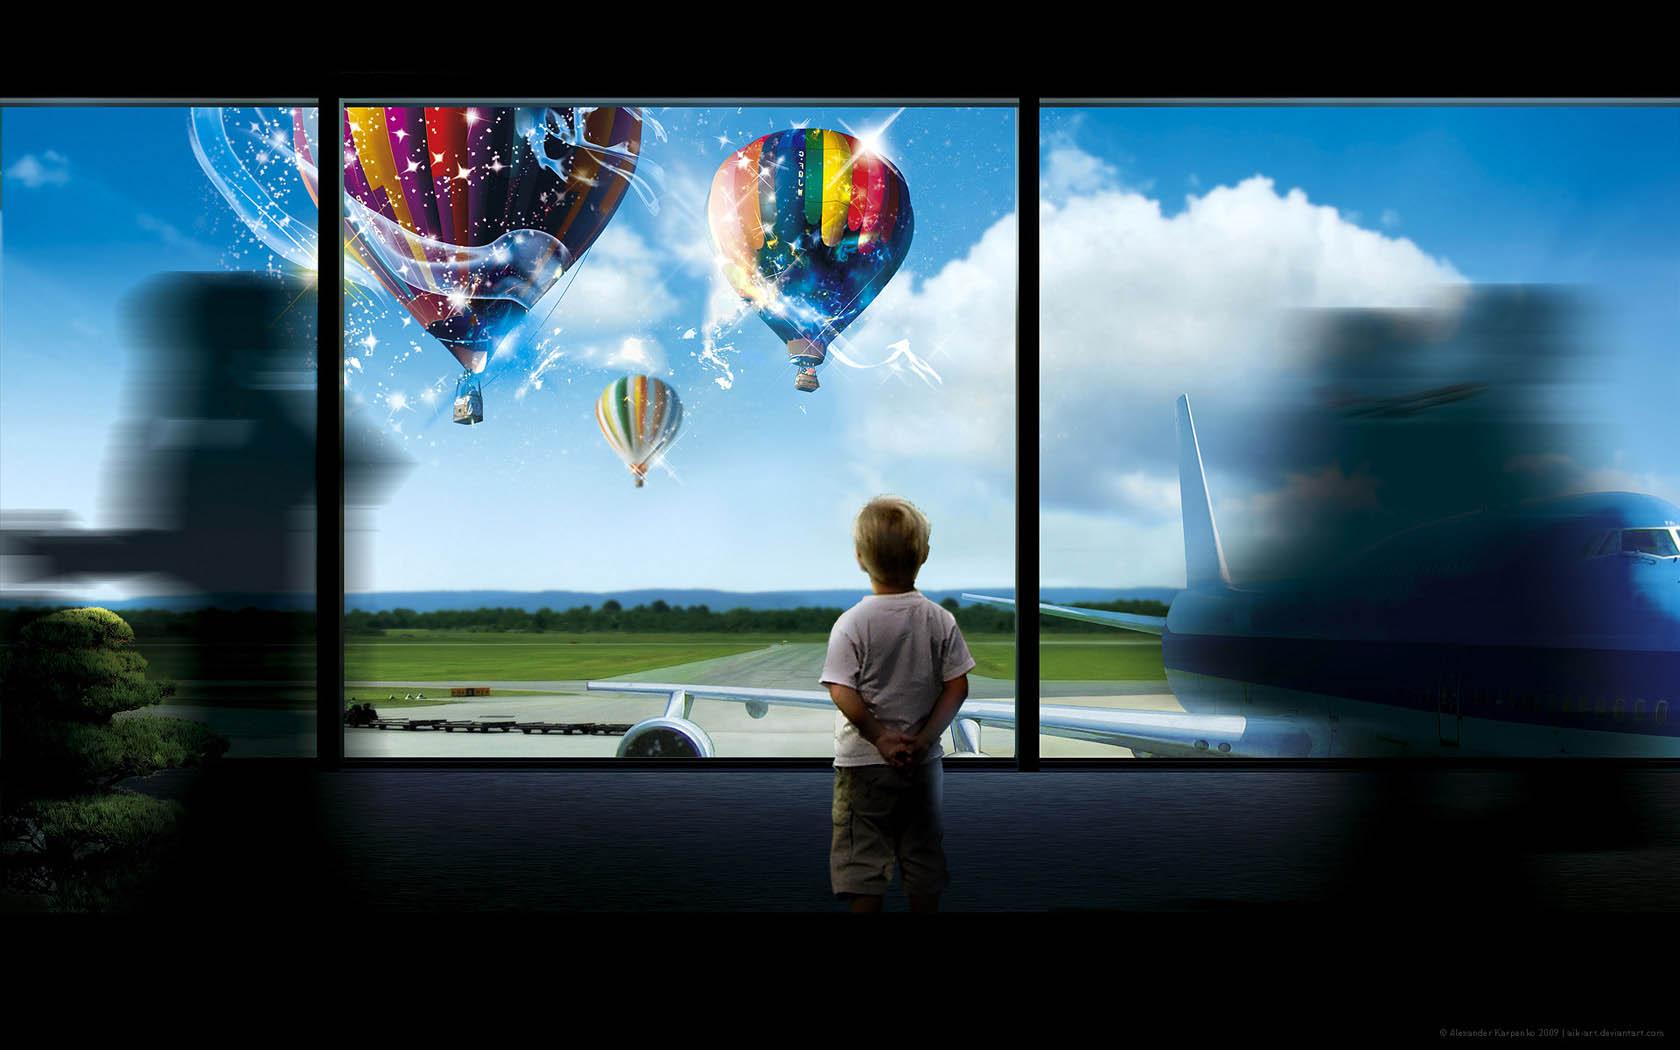 картинки с изображением воздушных шариков